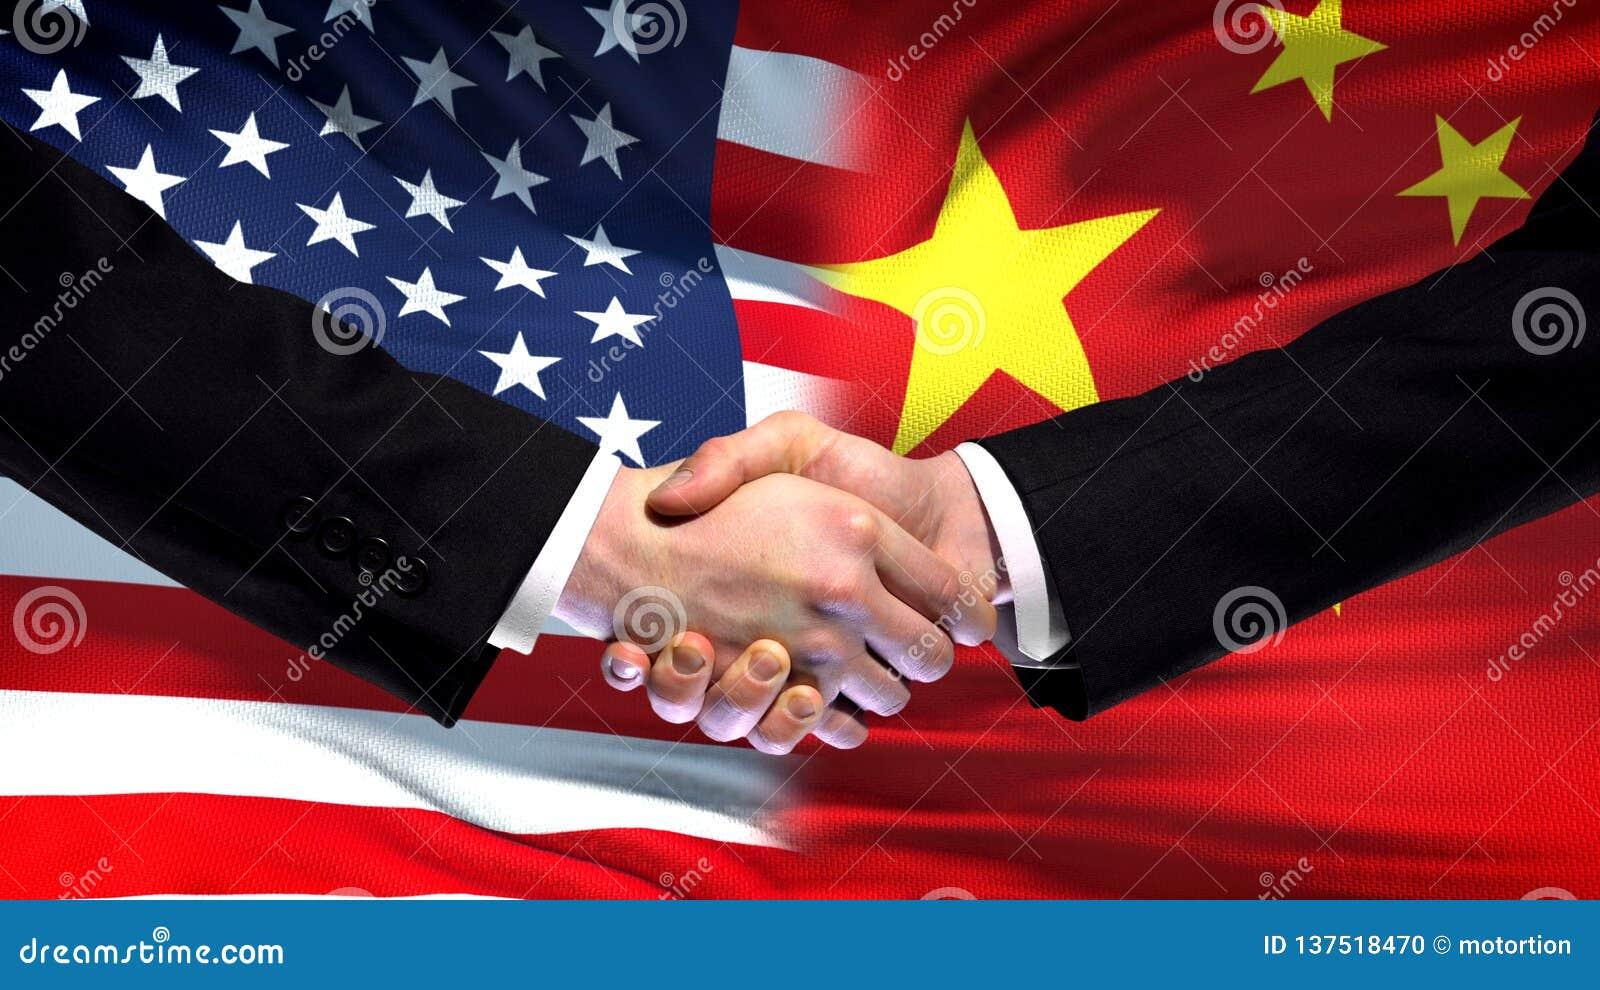 Apretón de manos de Estados Unidos y de China, amistad internacional, fondo de la bandera